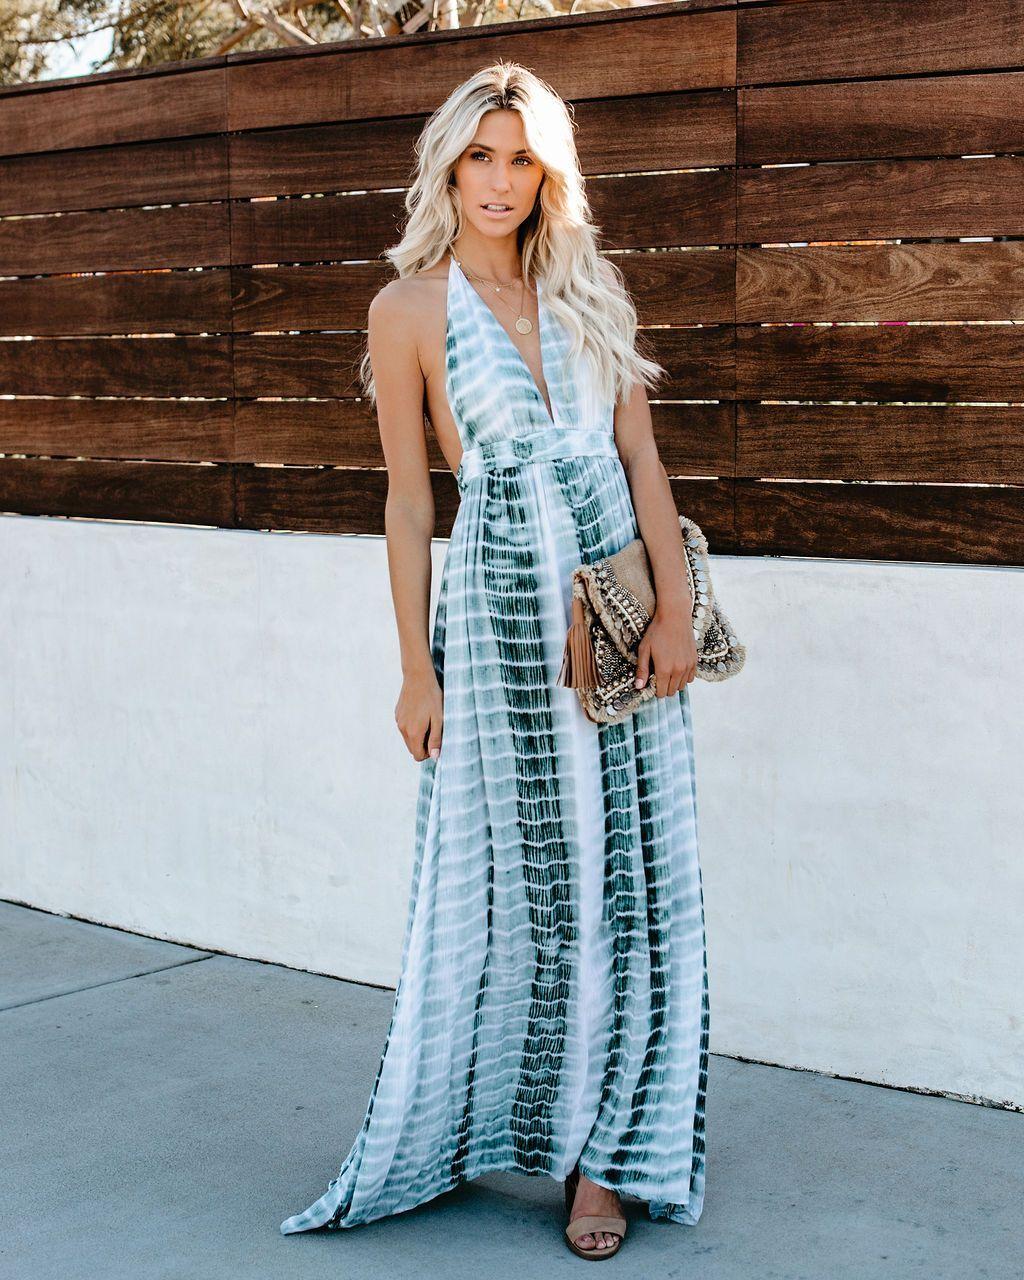 Clover Tie Dye Halter Maxi Dress Vici Maxi Dress Halter Maxi Dresses Halter Maxi [ 1280 x 1024 Pixel ]